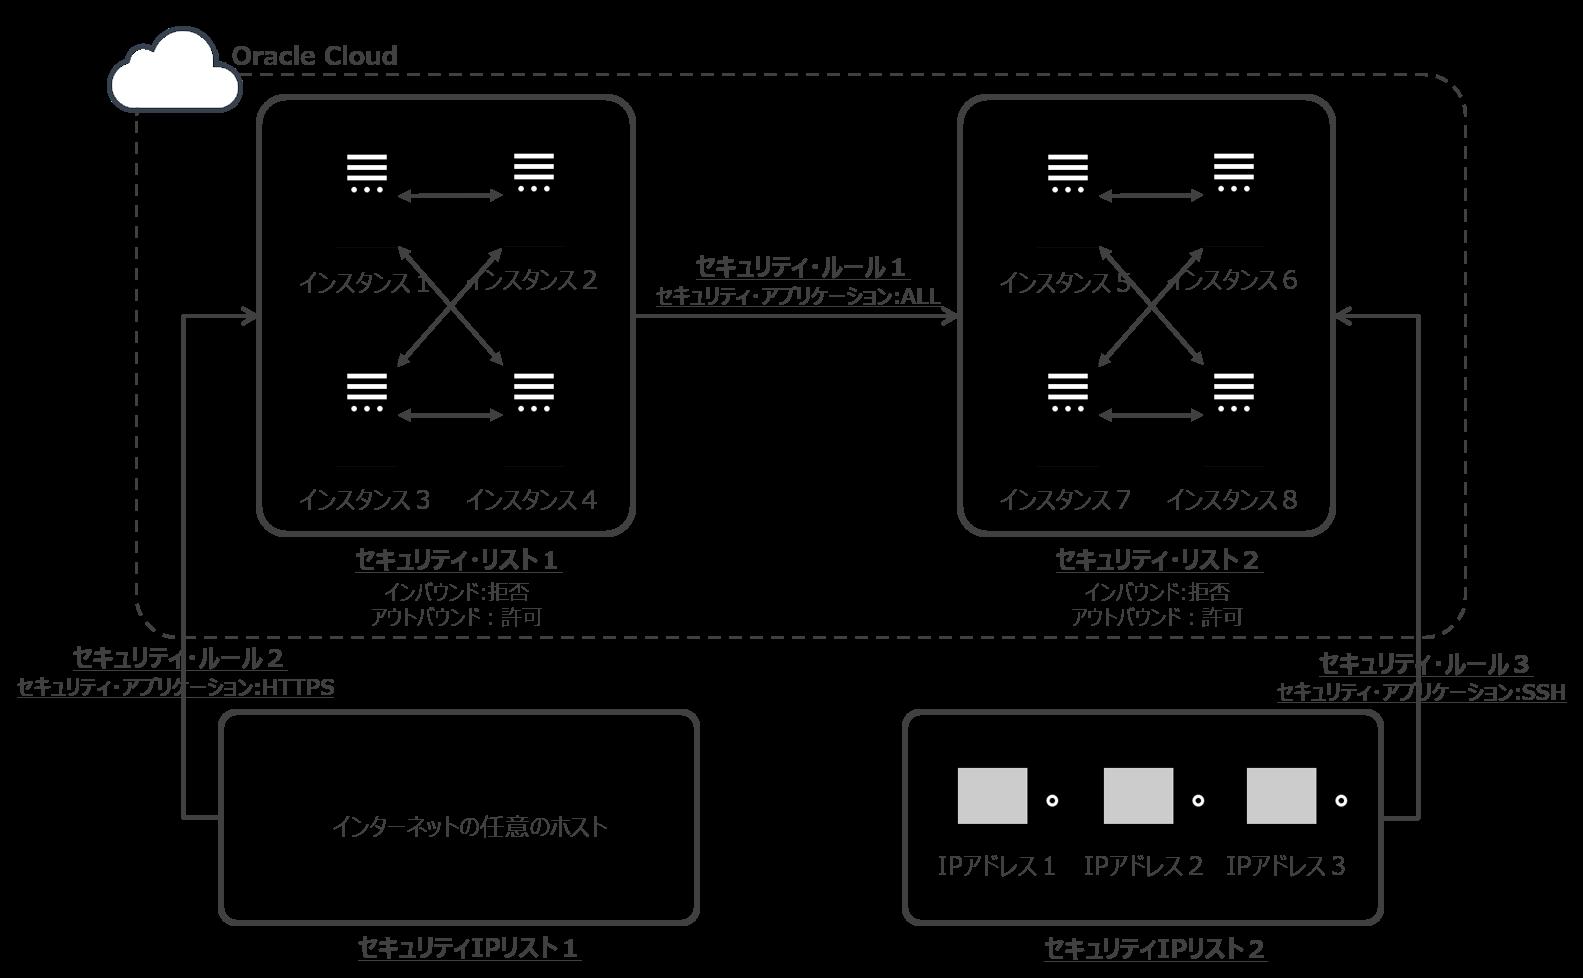 Oracle_Compute_Cloud_Service_ネットワーク構成_全体像.png